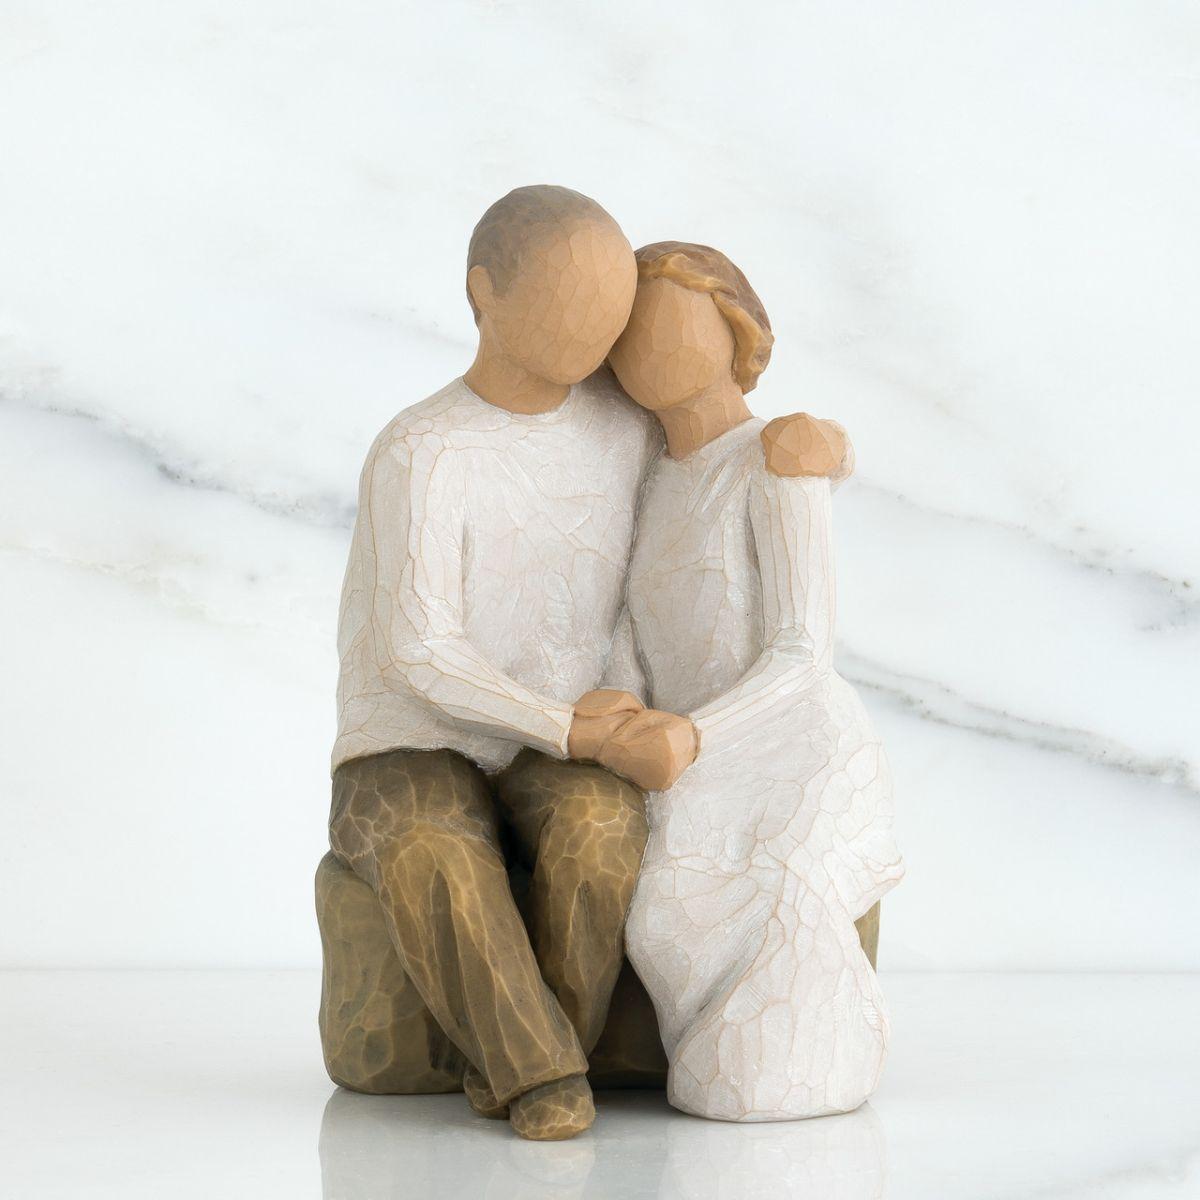 ウィローツリー彫像 【Anniversary】 - 二人の記念日